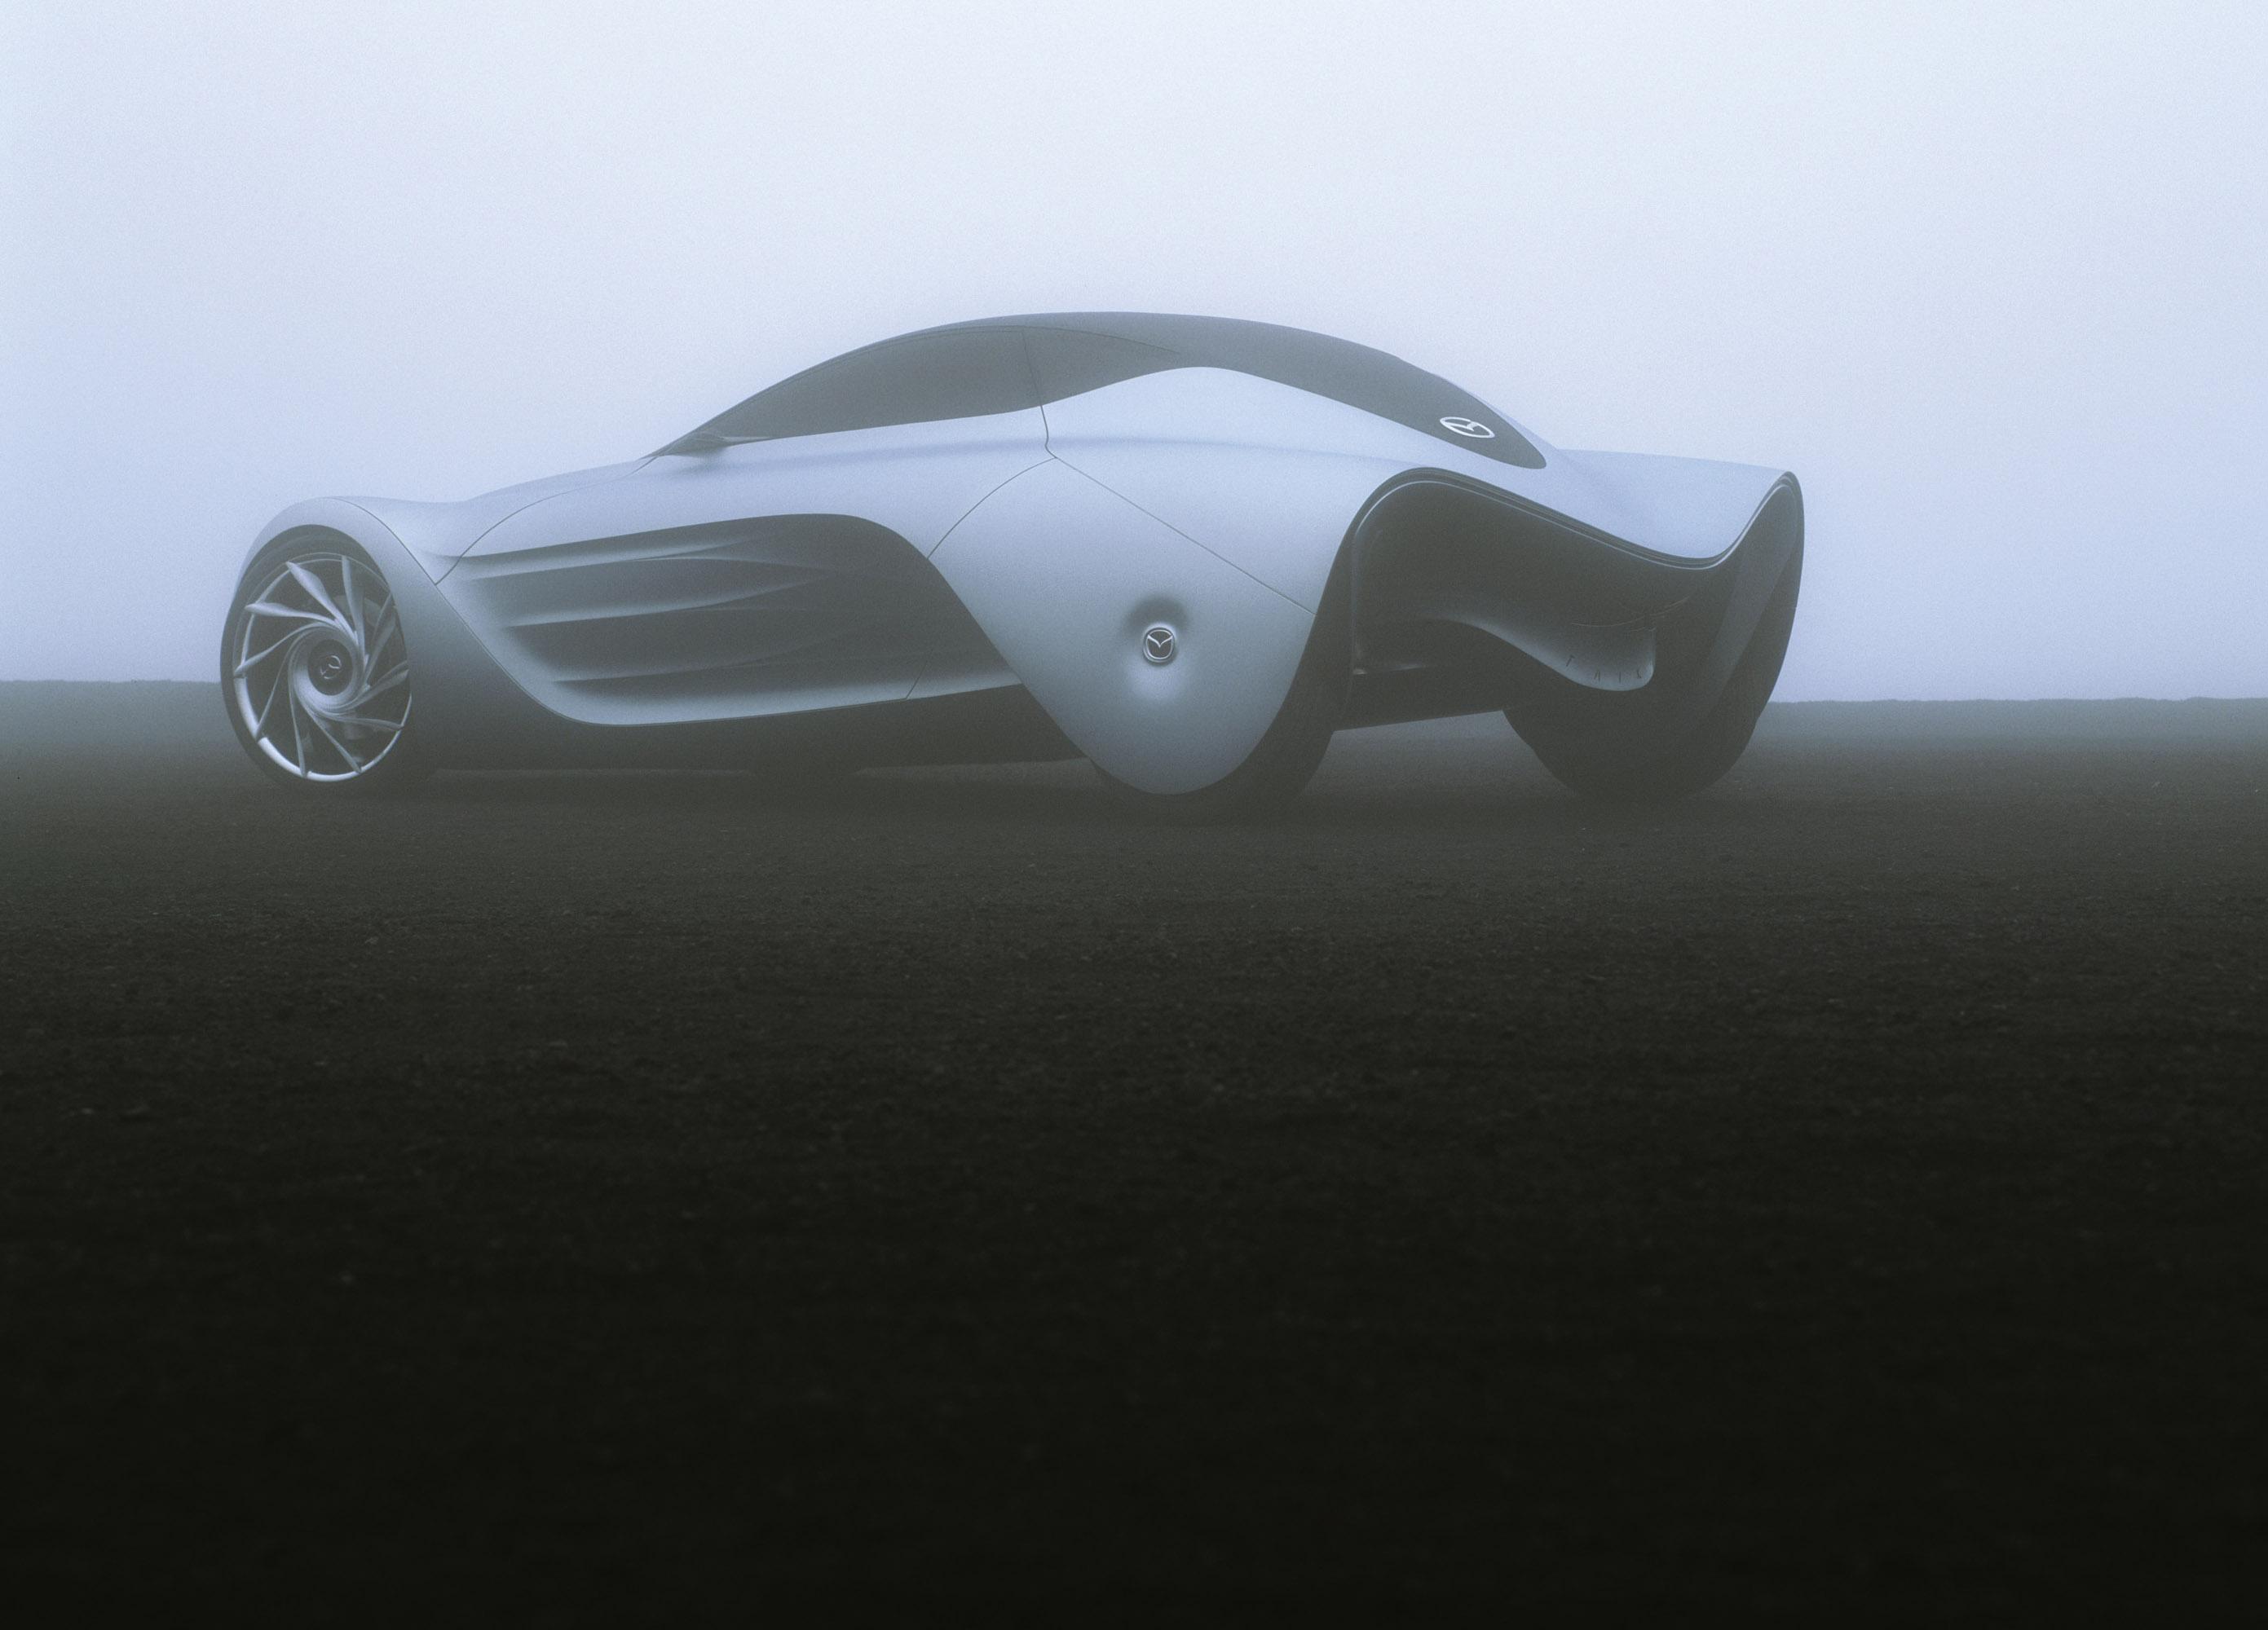 https://www.carsinvasion.com/gallery/2007-mazda-taiki-concept/2007-mazda-taiki-concept-07.jpg